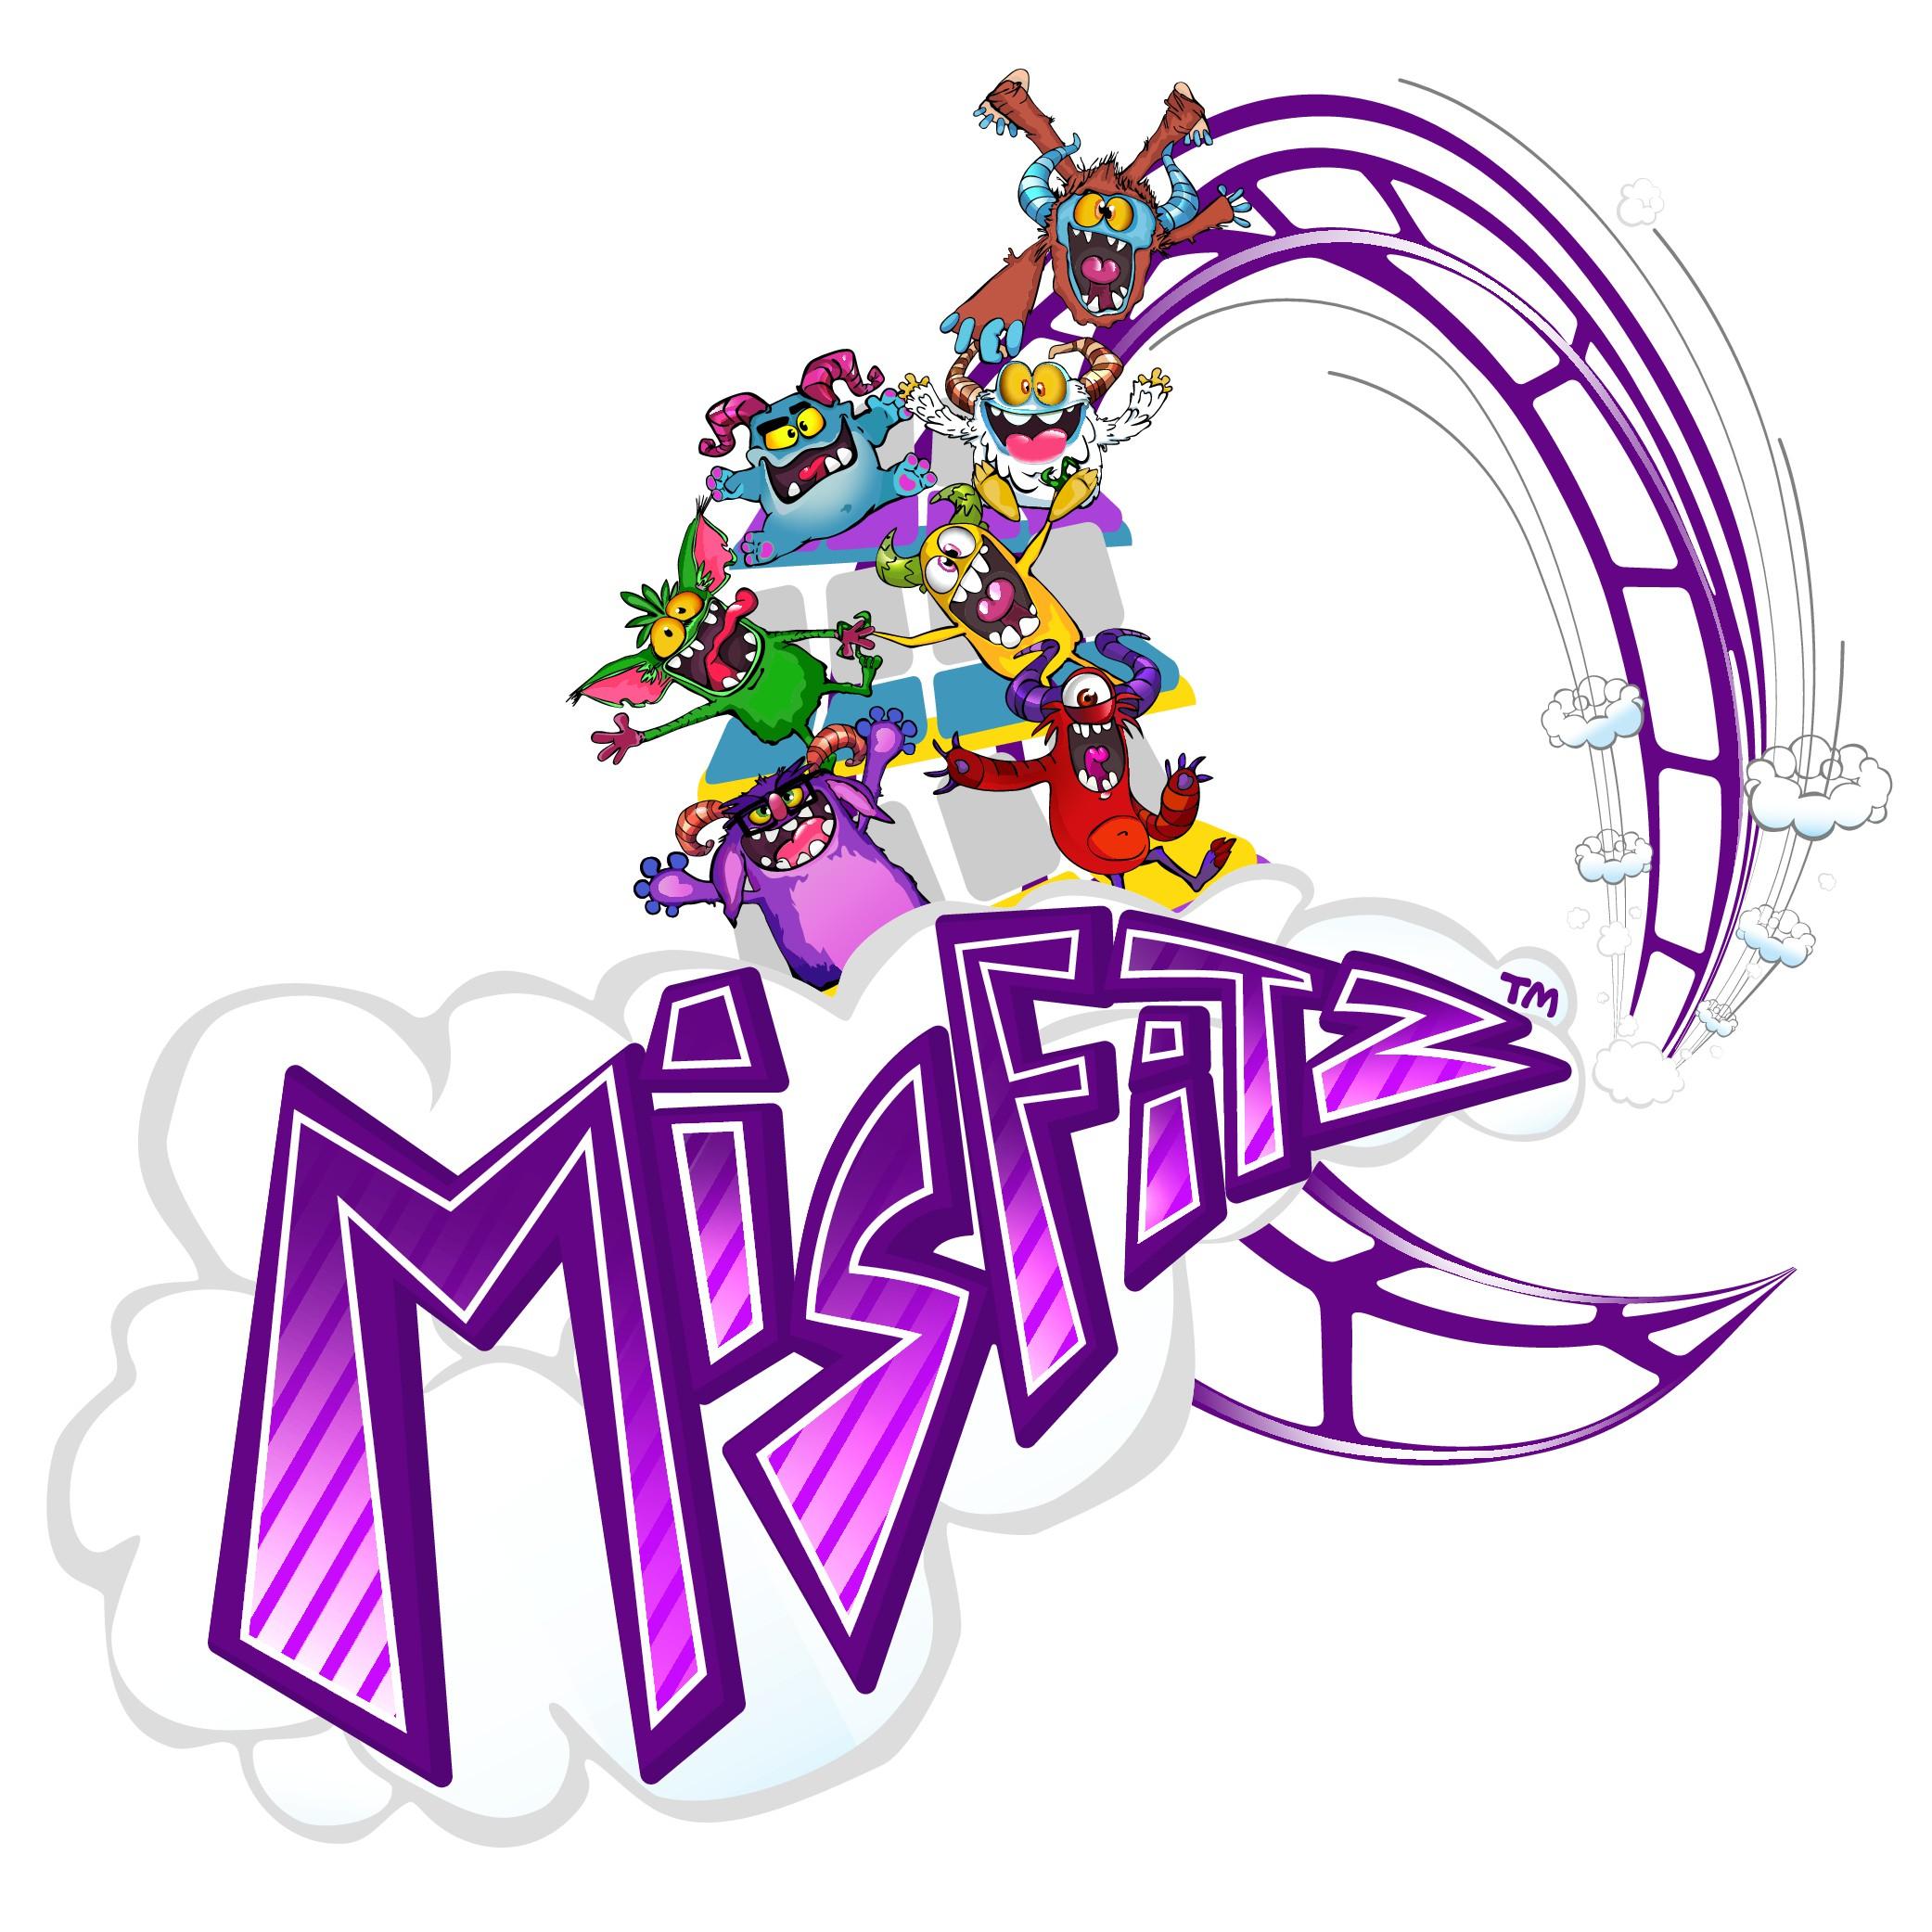 Monster toy logo design